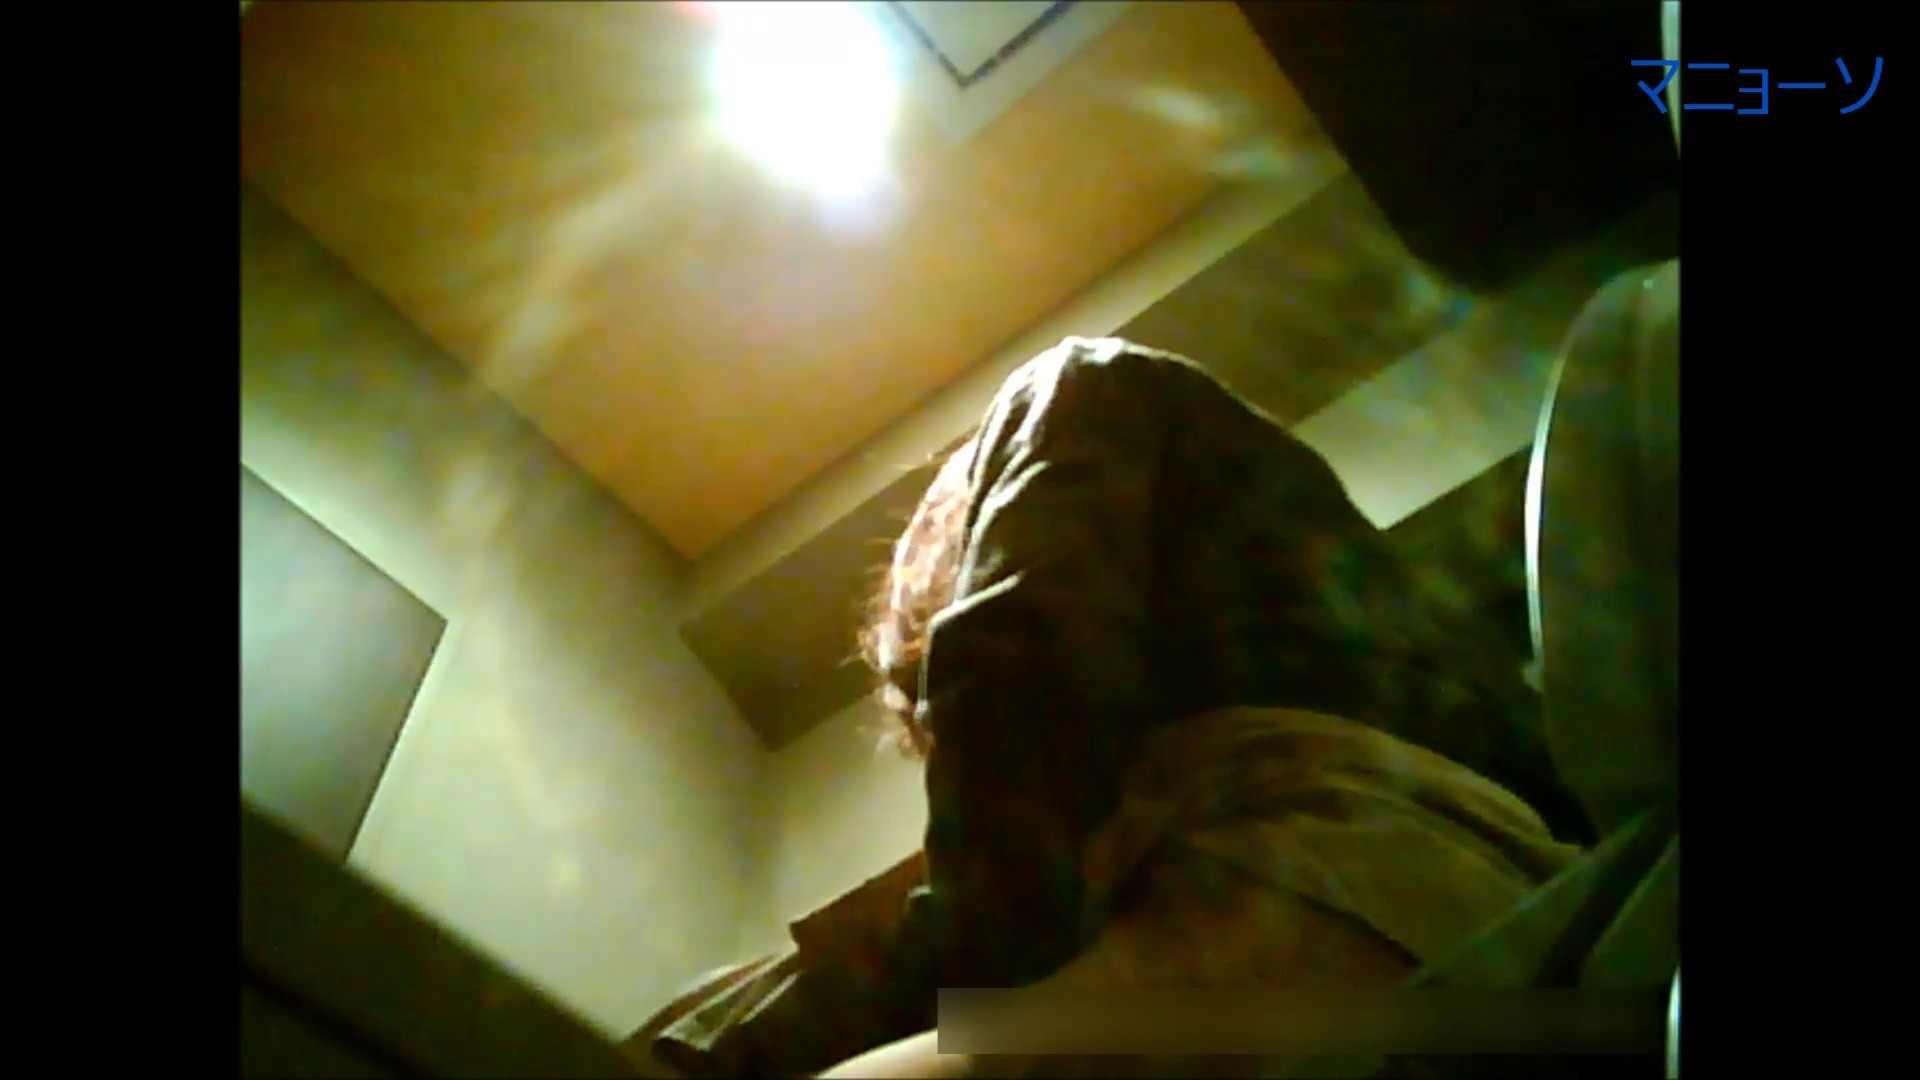 トイレでひと肌脱いでもらいました (JD編)Vol.01 トイレ盗撮  97枚 62